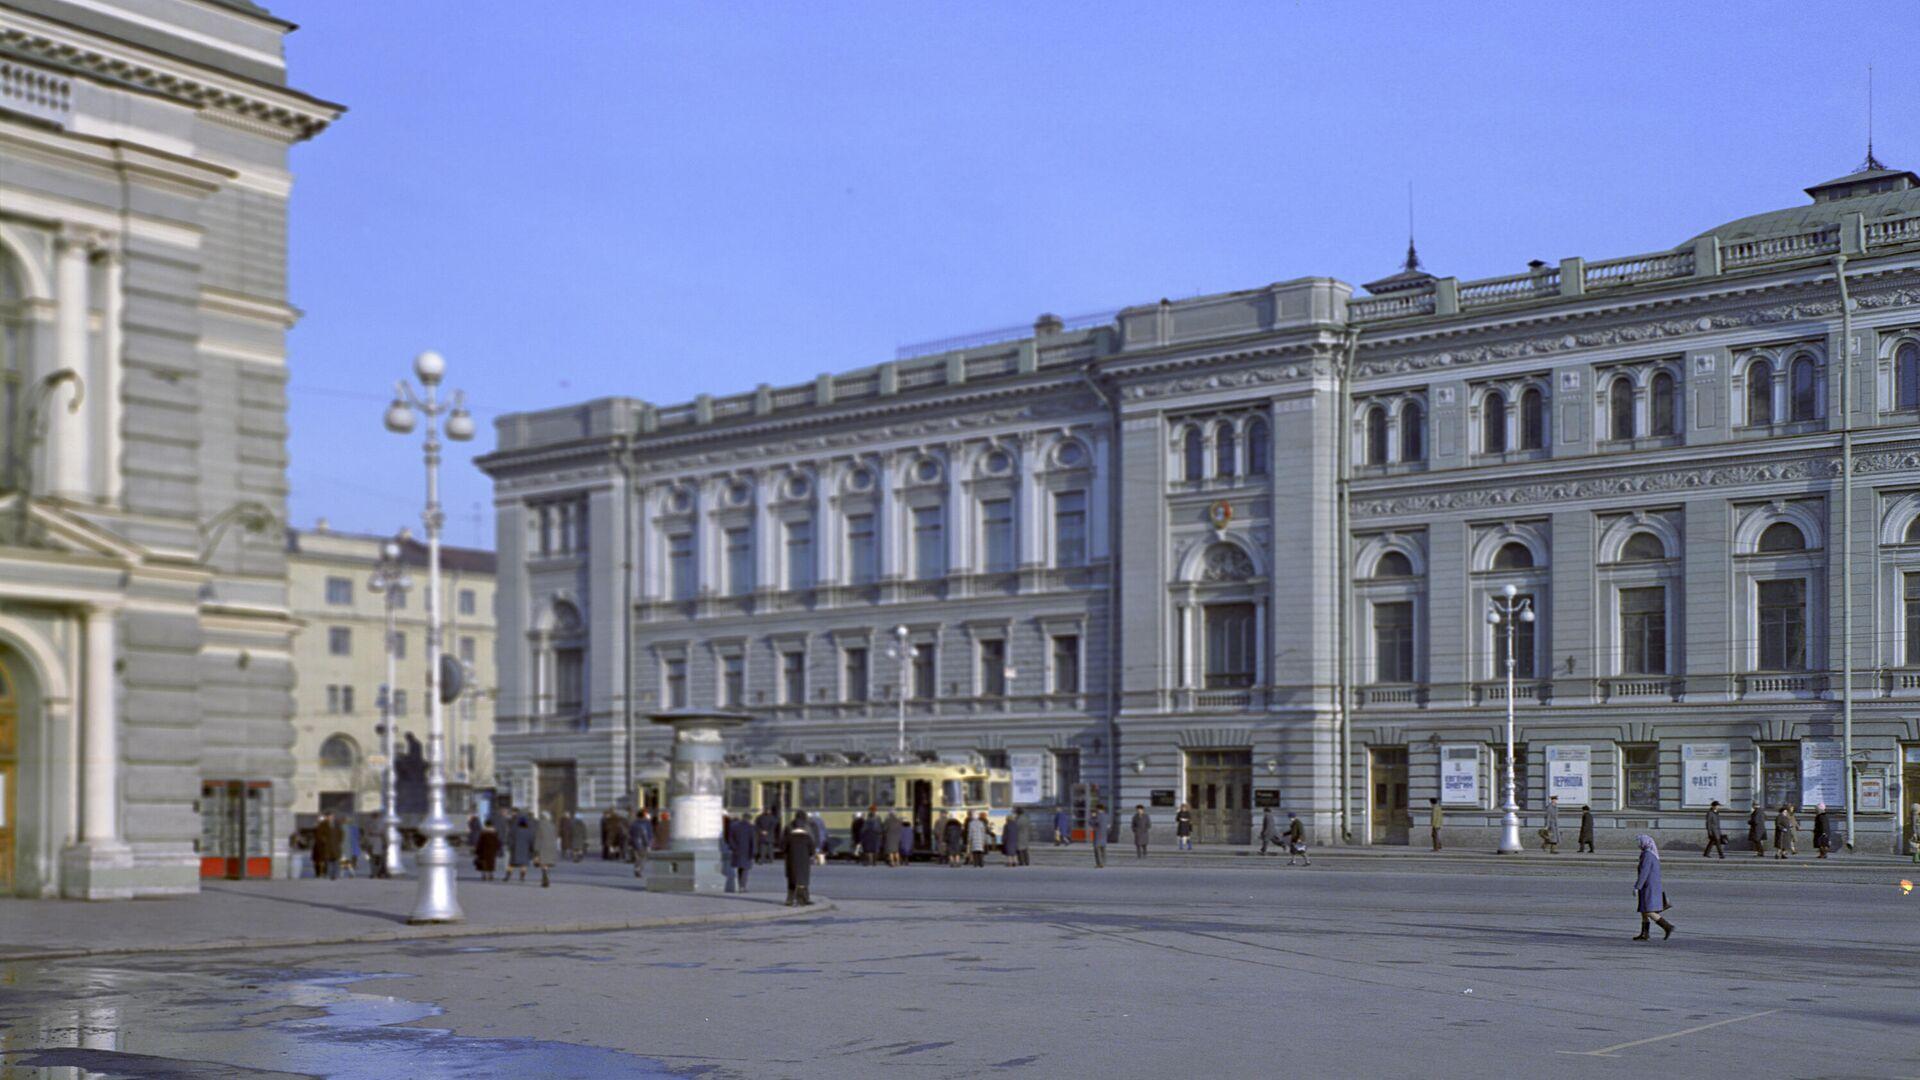 Здание консерватории имени Н.А. Римского-Корсакова в Петербурге - РИА Новости, 1920, 05.05.2021